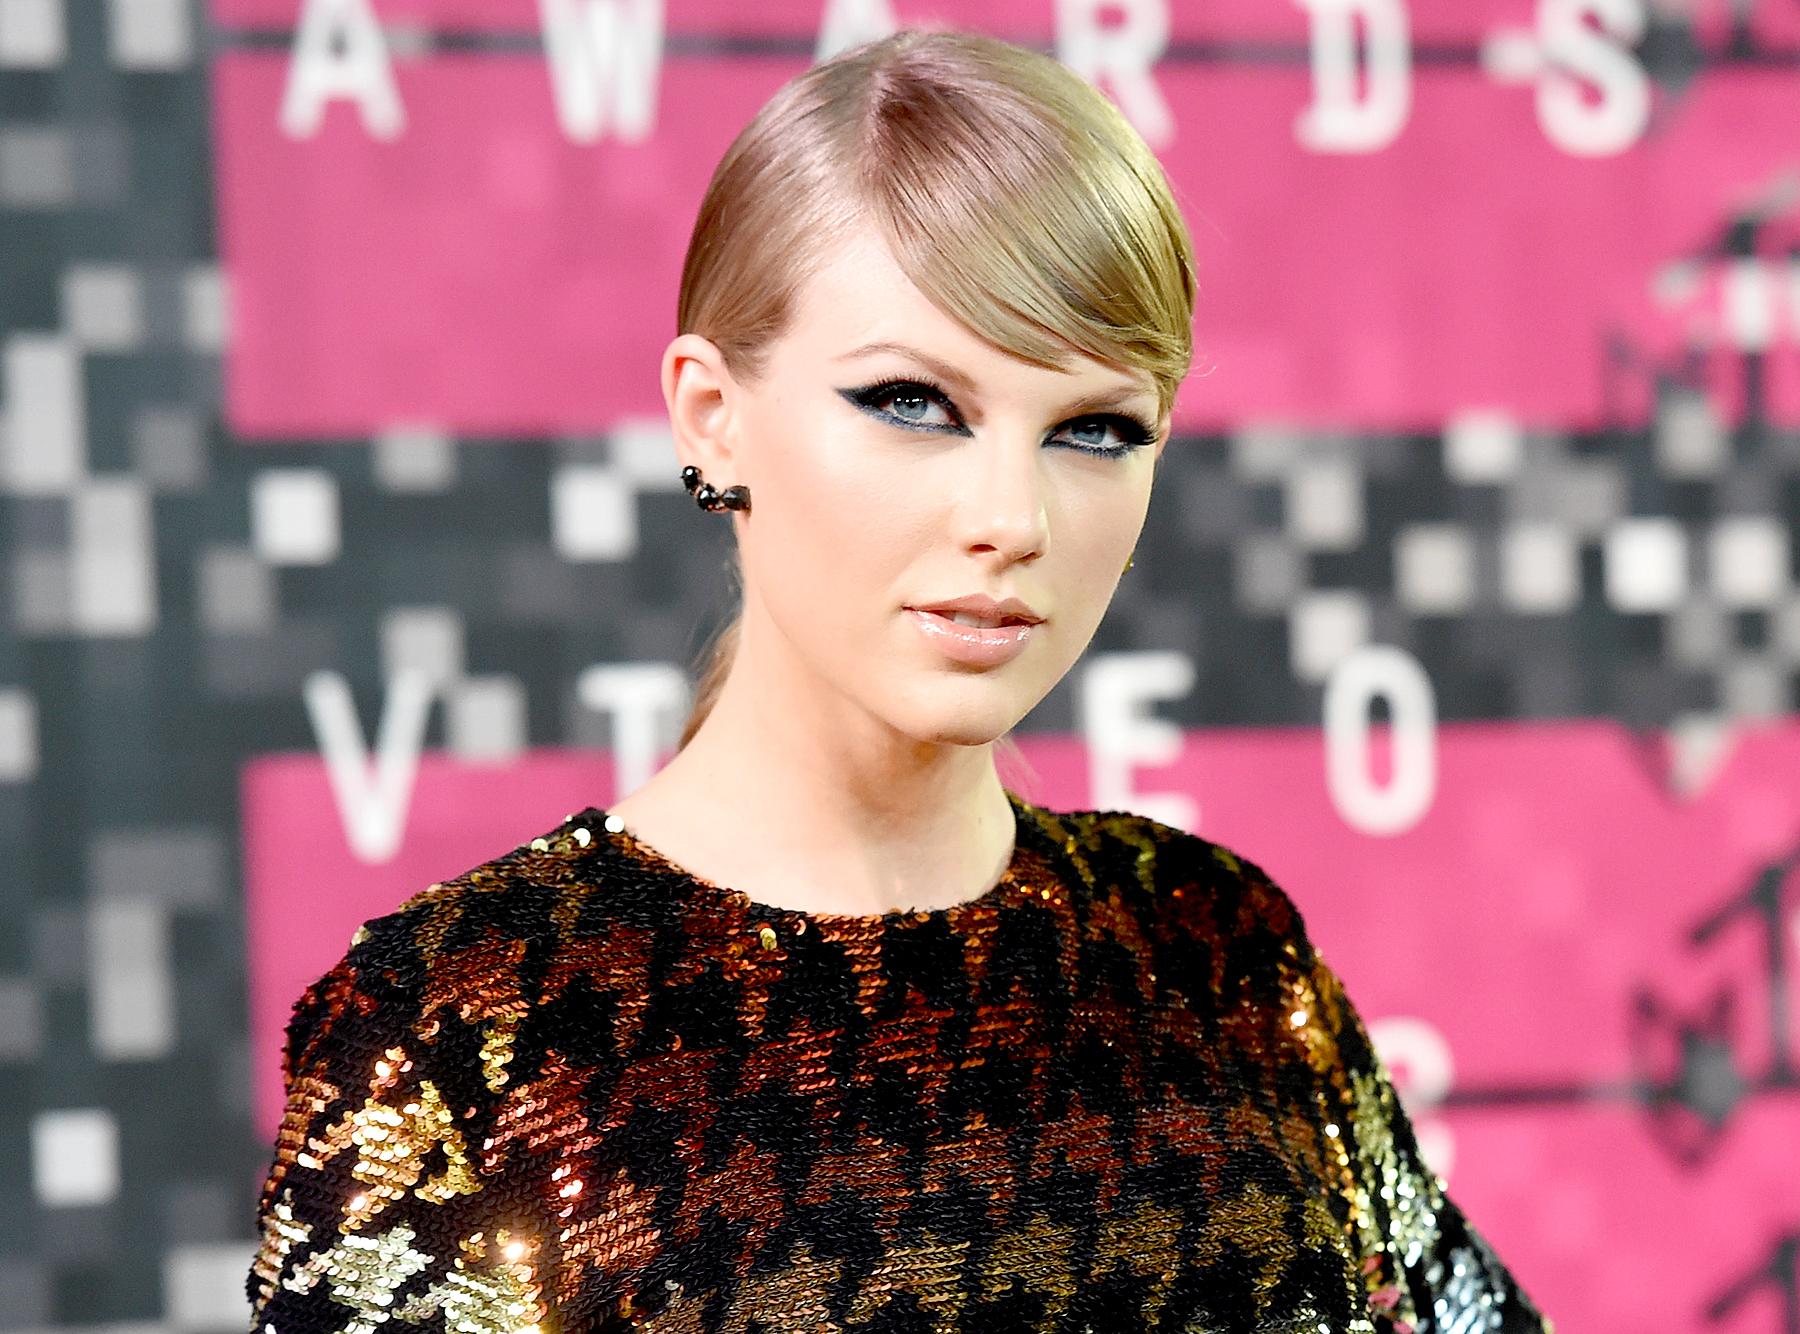 Taylor Swift social media